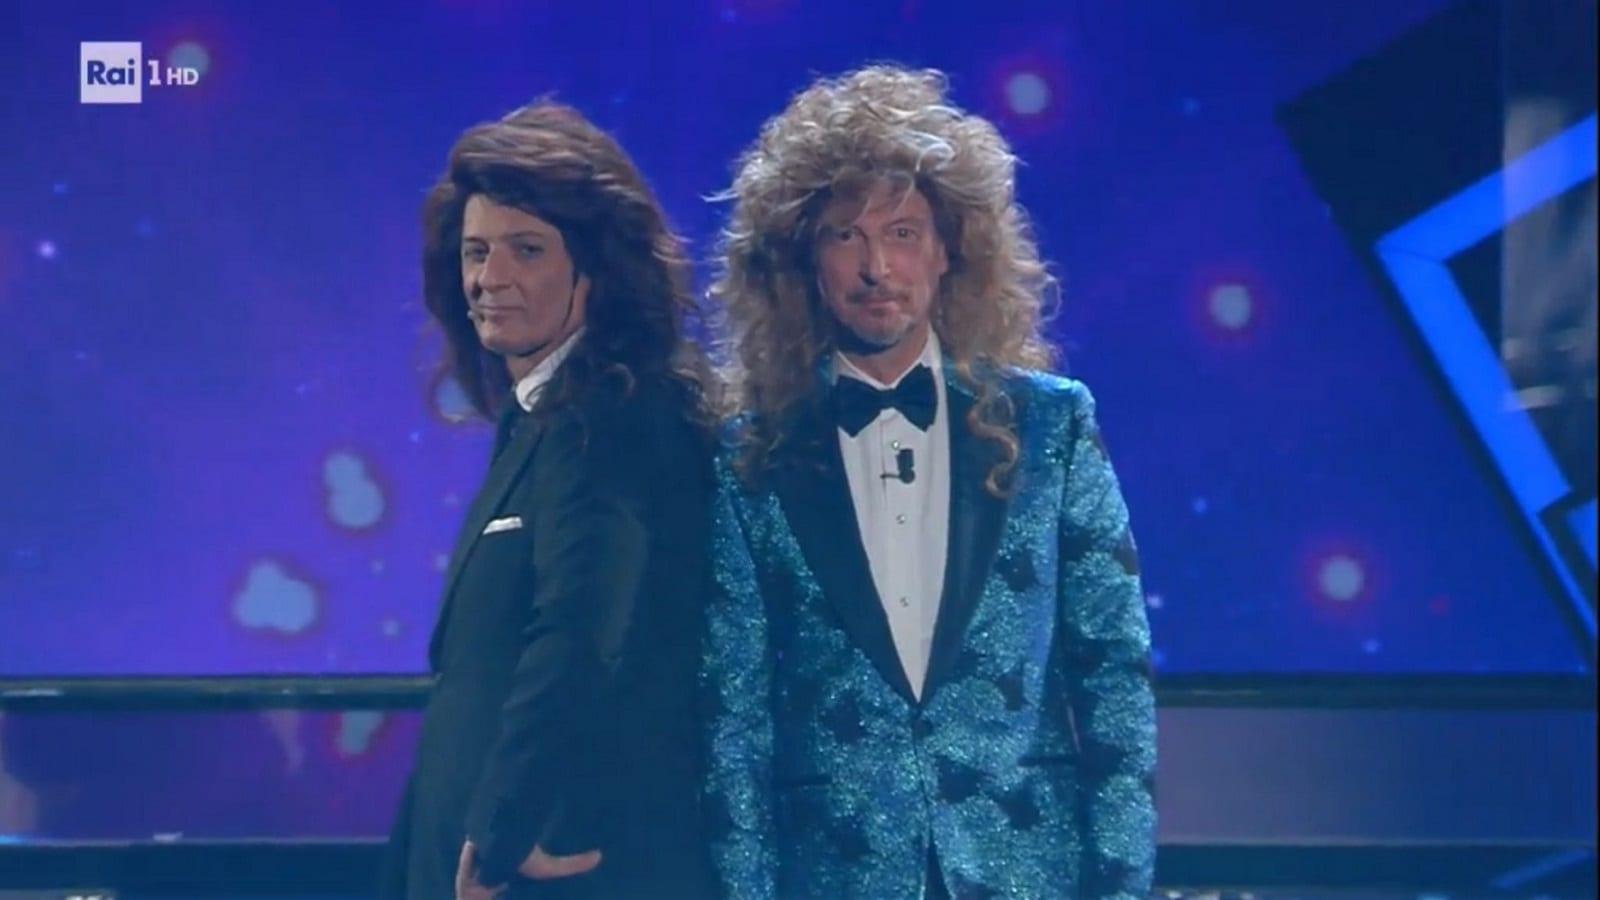 AscoltiTV 5 marzo 2021 · Penultimo atto di Sanremo 2021, Ultimo L'occhio del falco, Quarto Grado, Propaganda Live, L'amore bugiardo, Shining